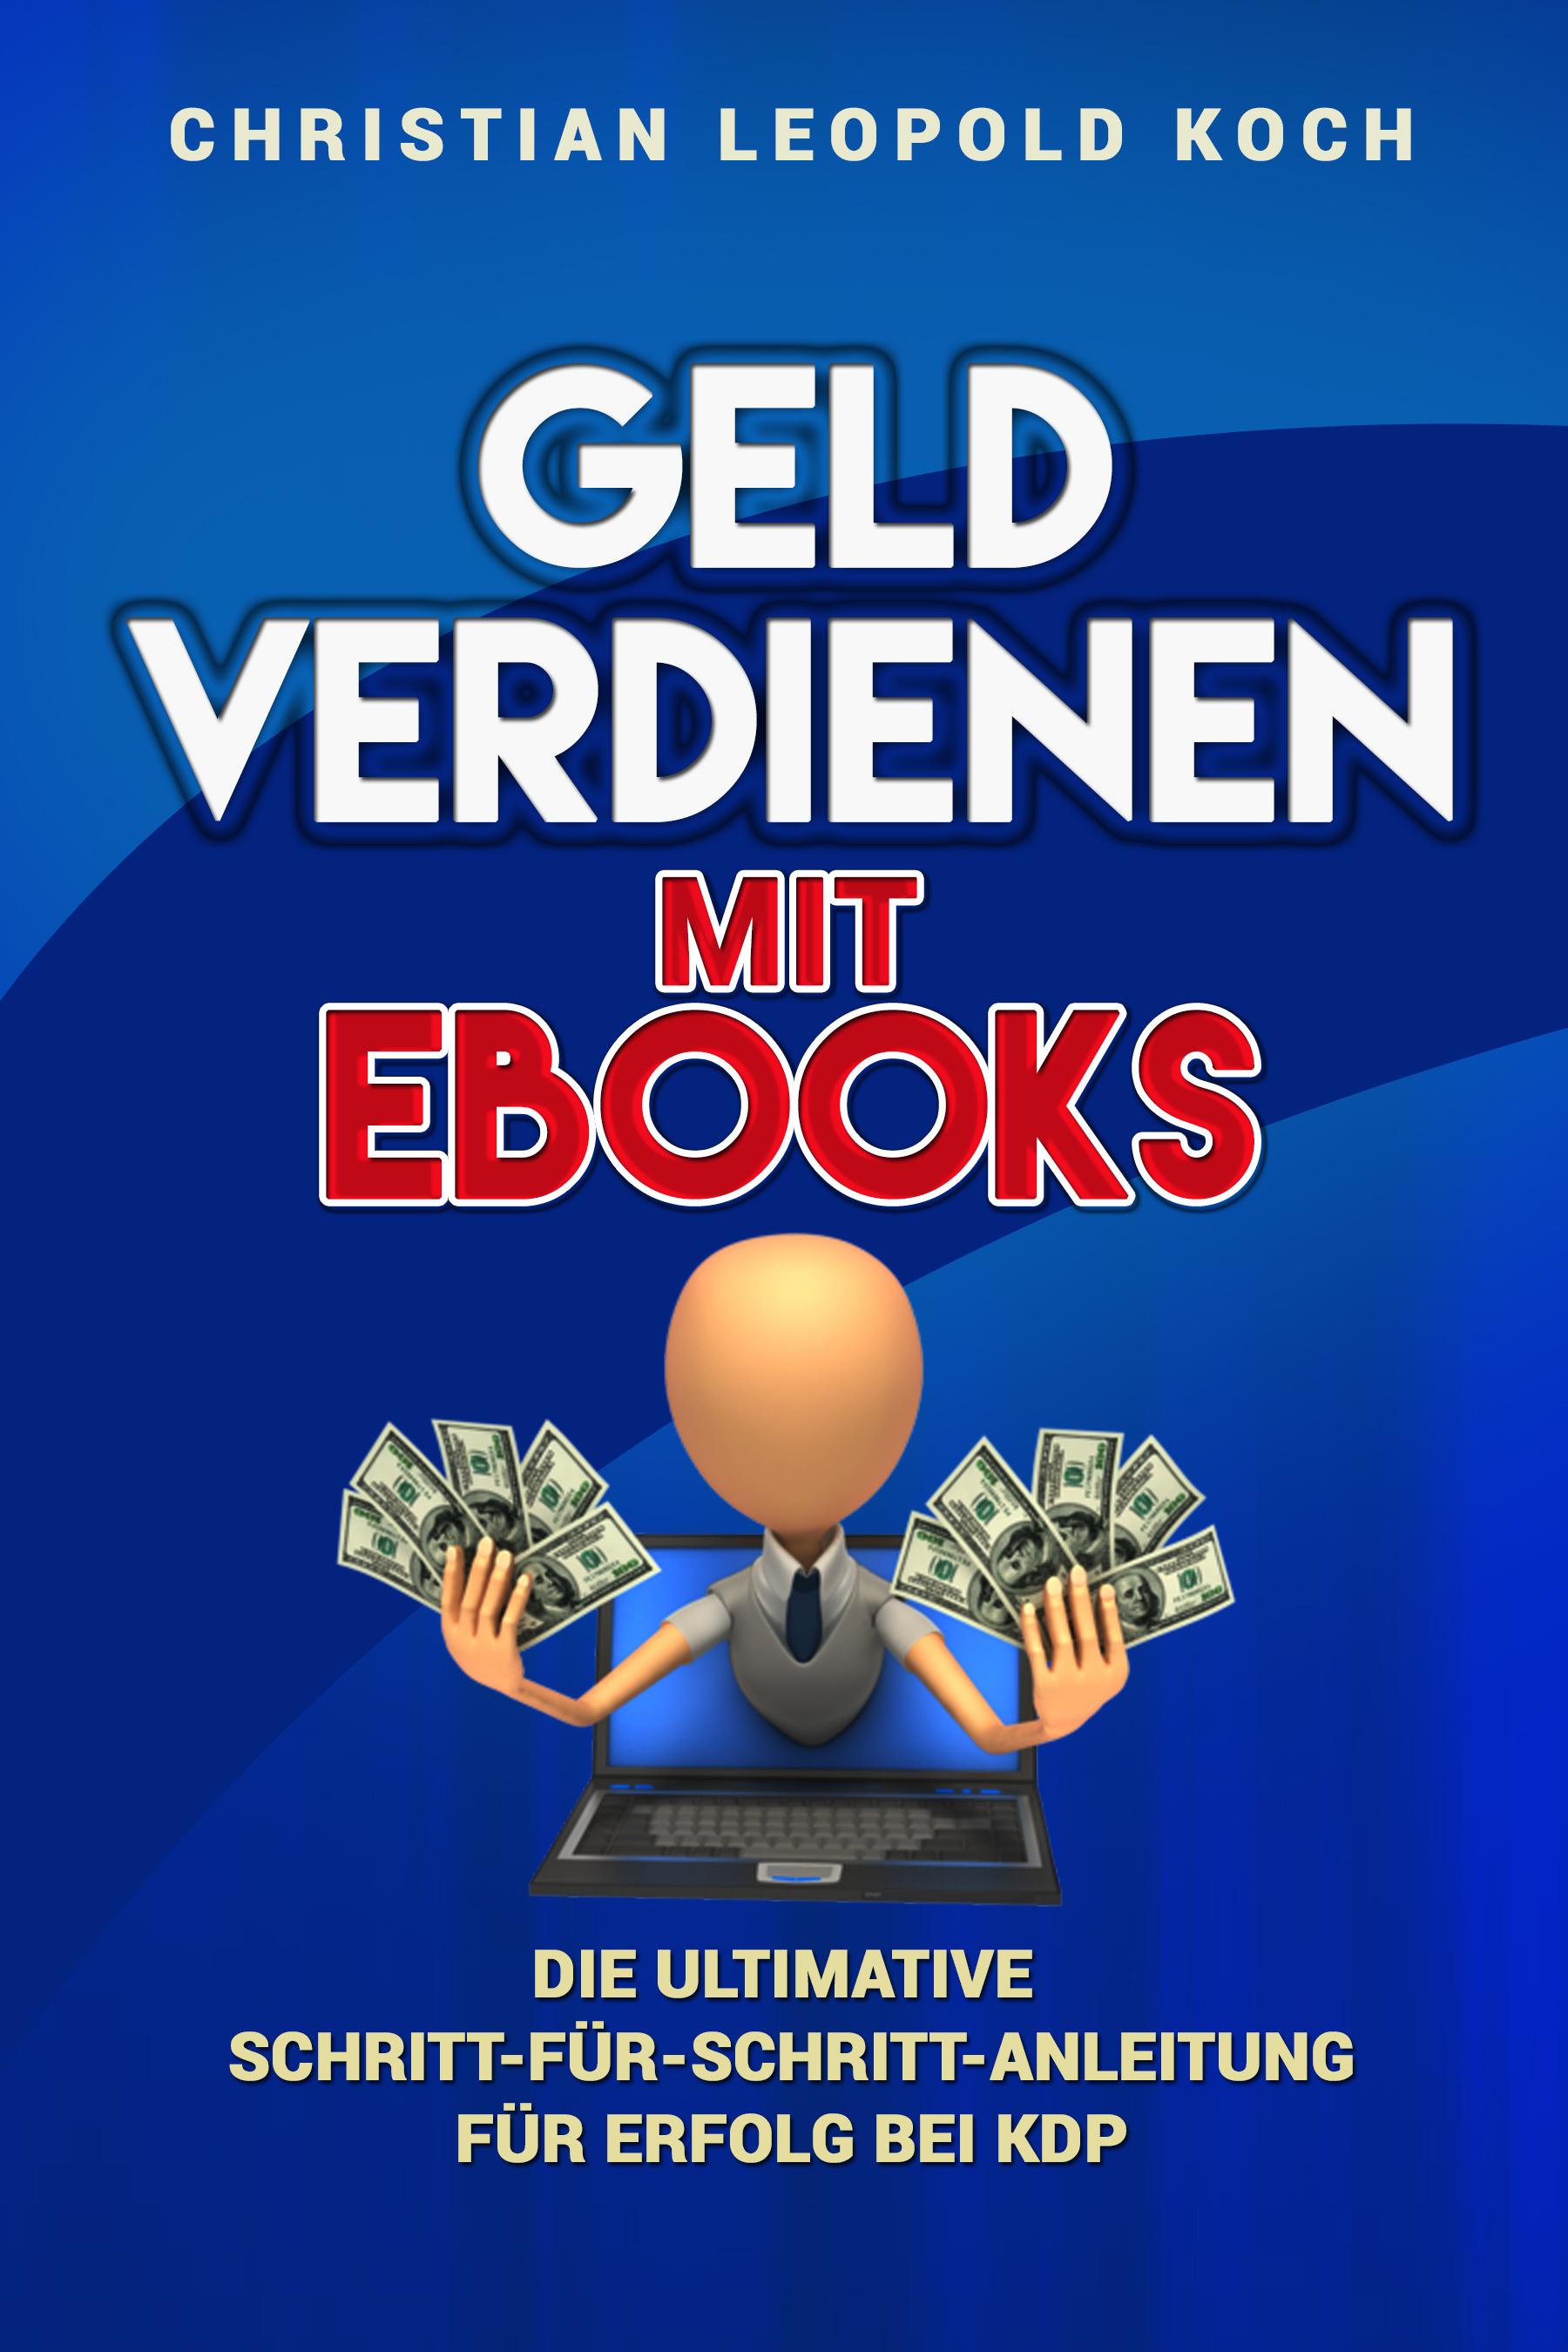 Christian Leopold Koch – Geld verdienen mit eBooks